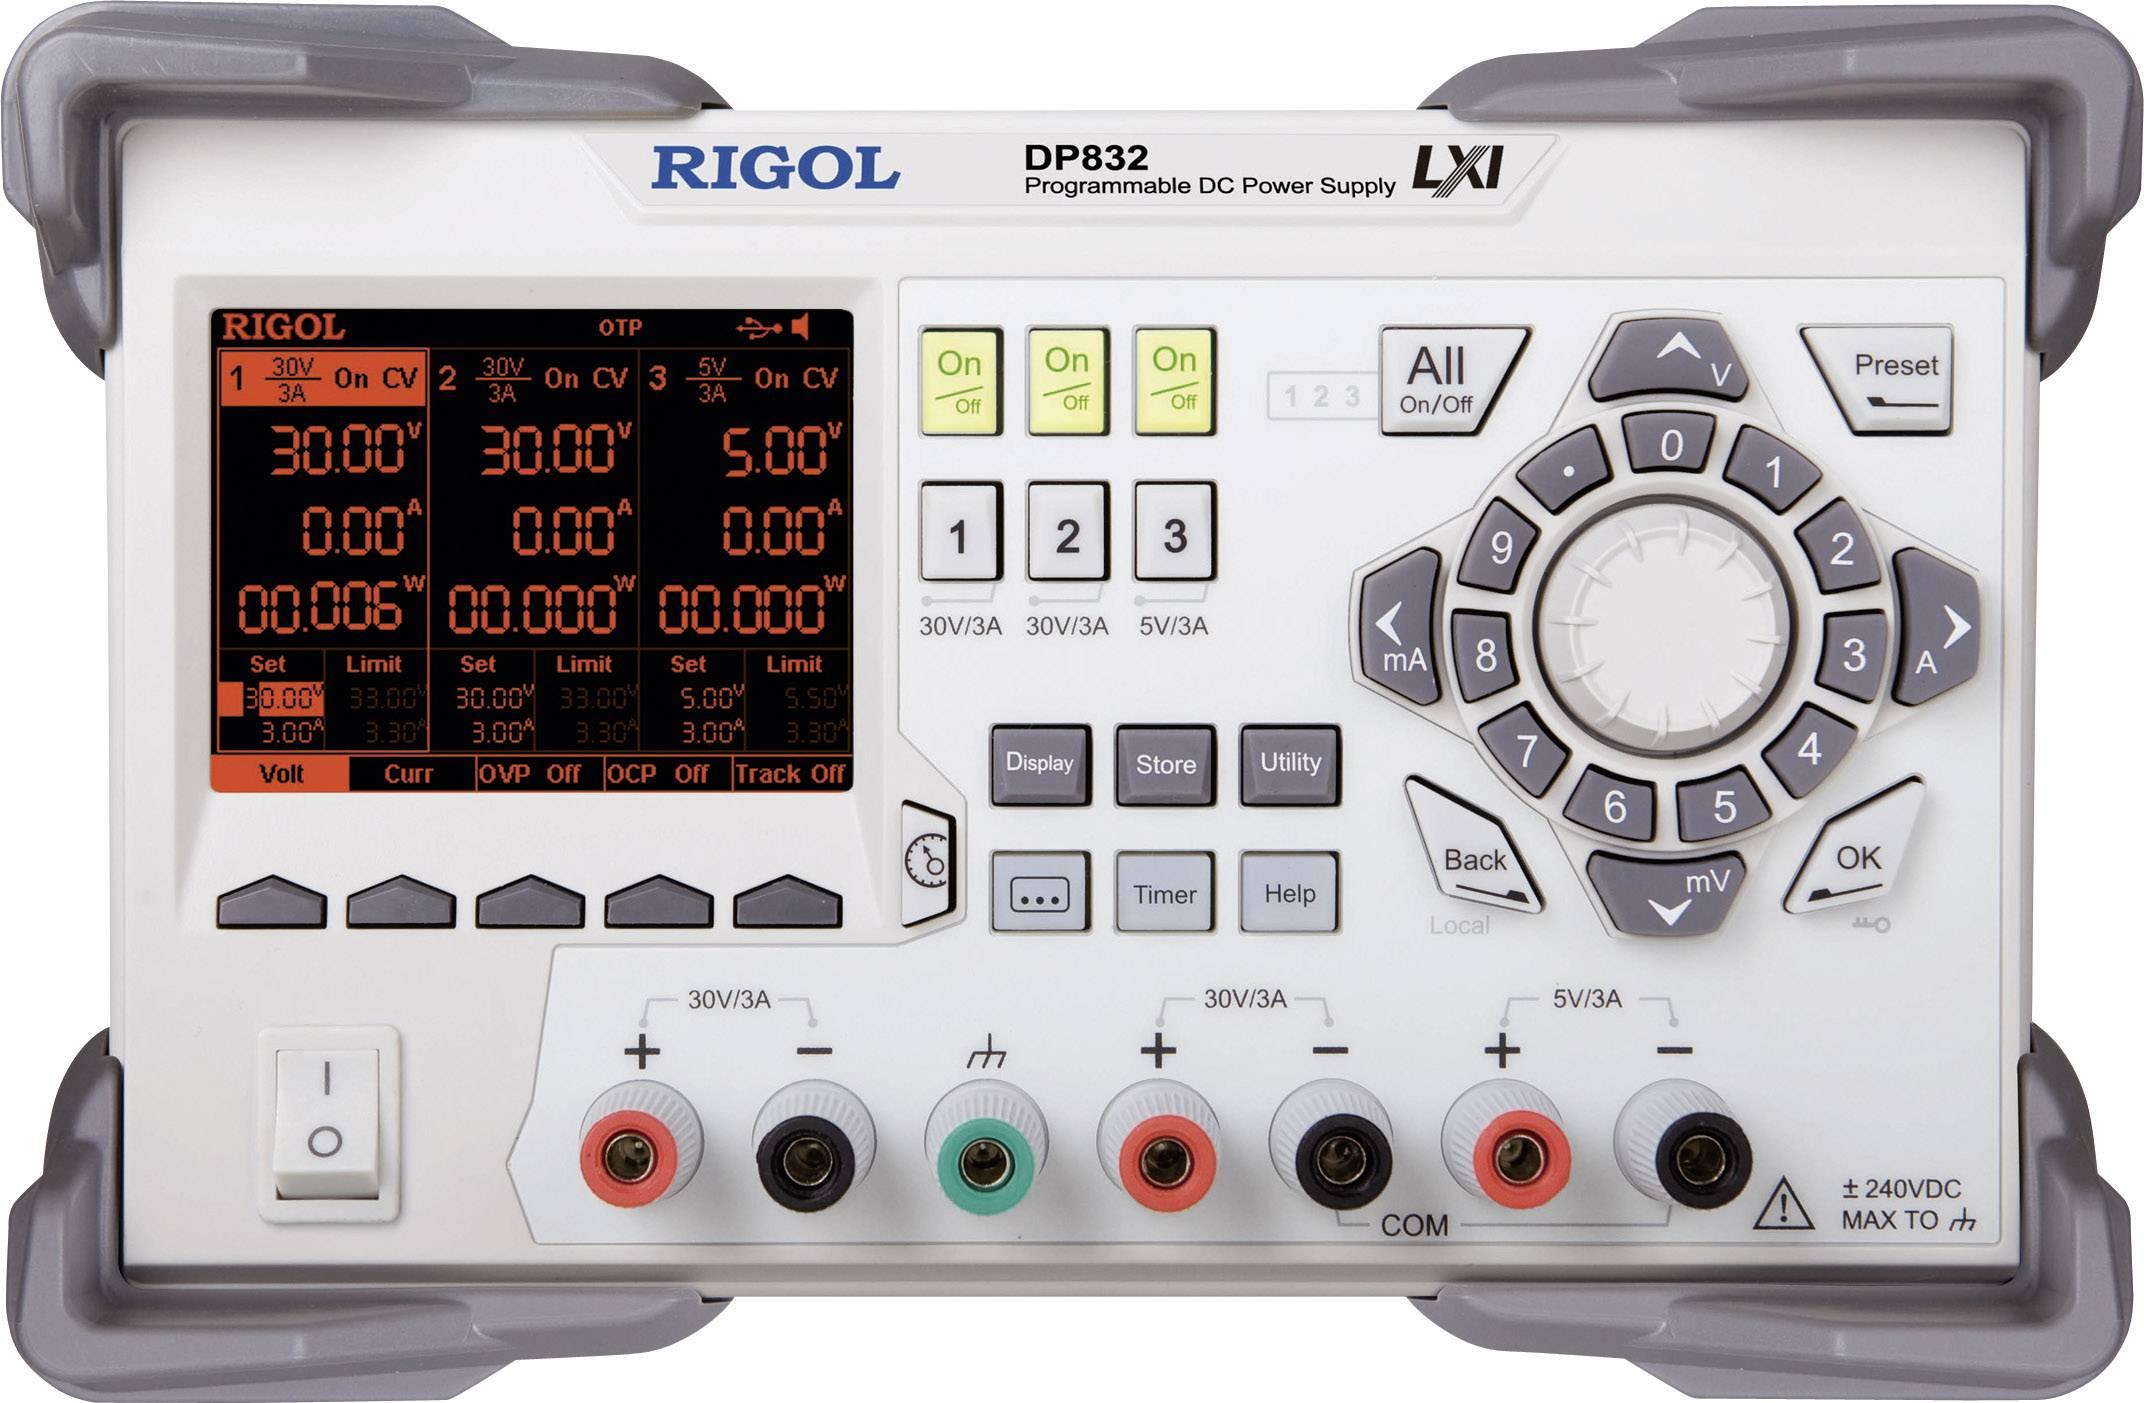 Programovateľný laboratórny sieťový zdroj Rigol DP832, 0 - 30 V, 0 - 3 A, 3x výstup